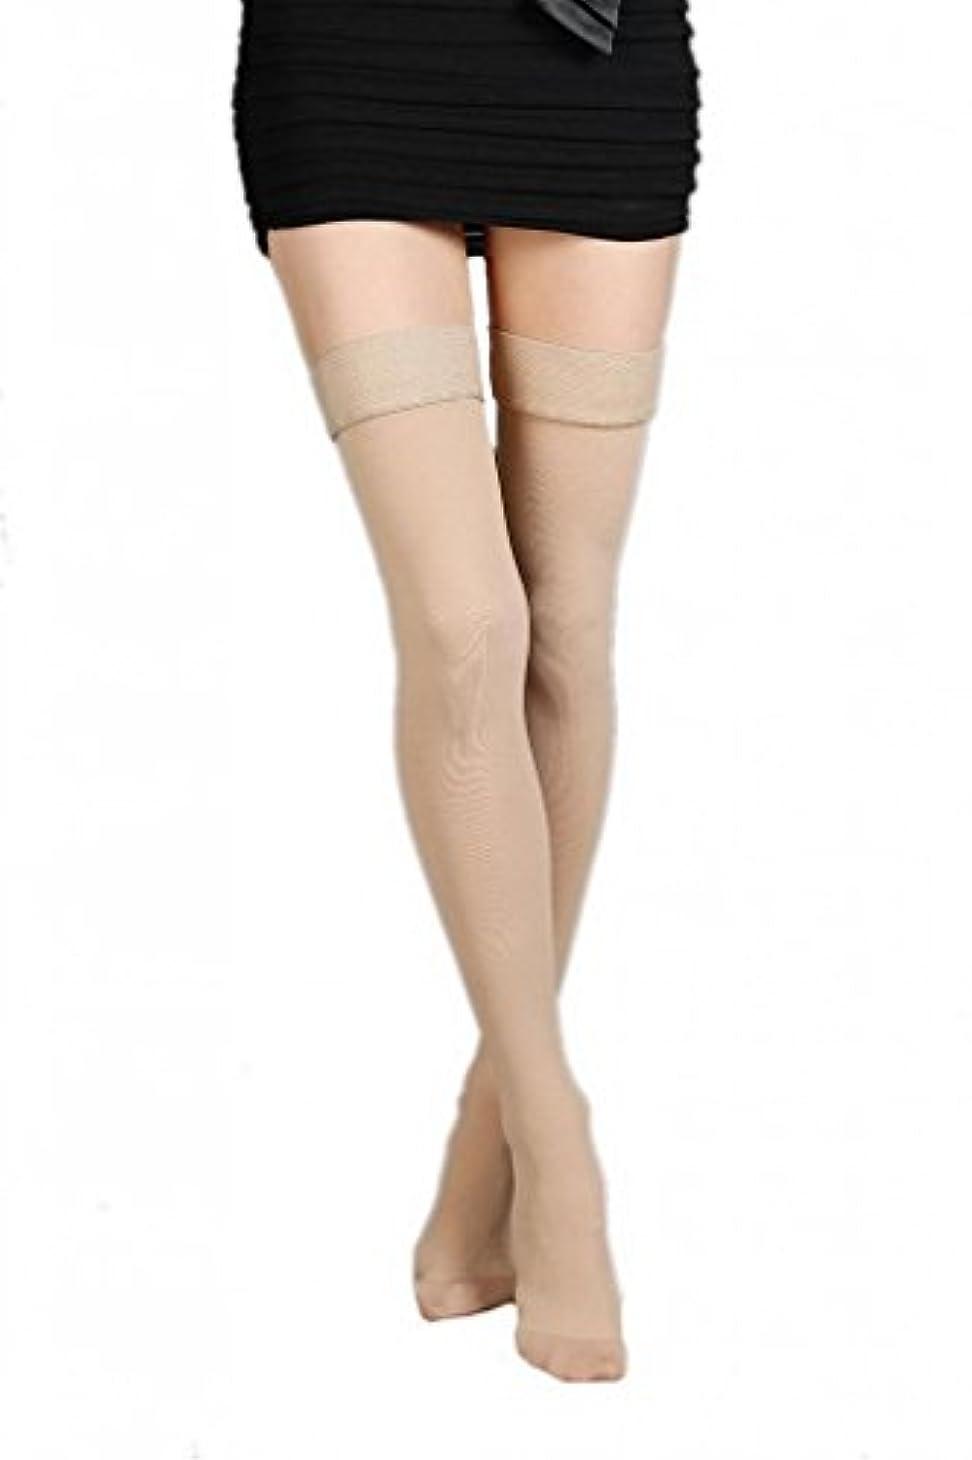 検査カウントただ(ラボーグ)La Vogue 美脚 着圧オーバーニーソックス ハイソックス 靴下 弾性ストッキング つま先あり着圧ソックス M 1級低圧 肌色